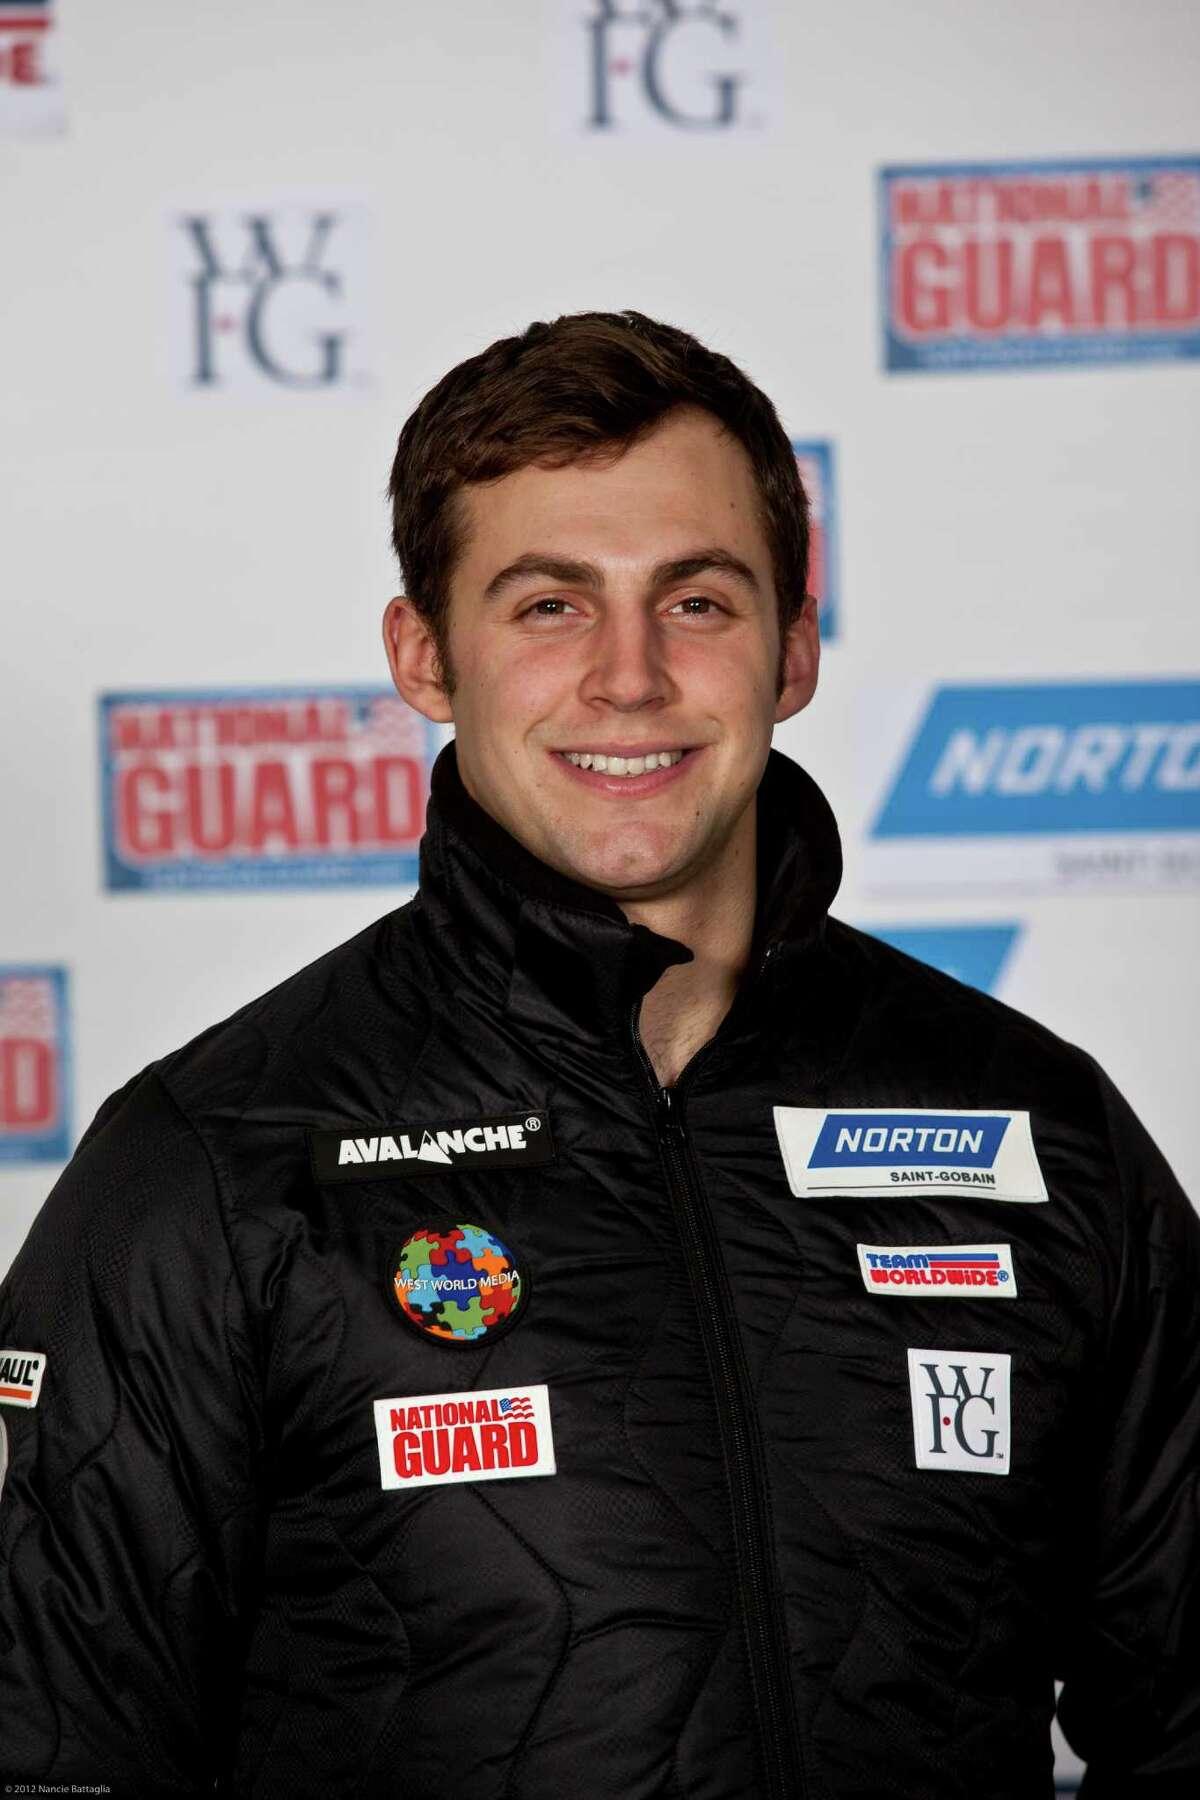 USA luge team member Chris Mazdze. (Courtesy Nancie Battaglia)